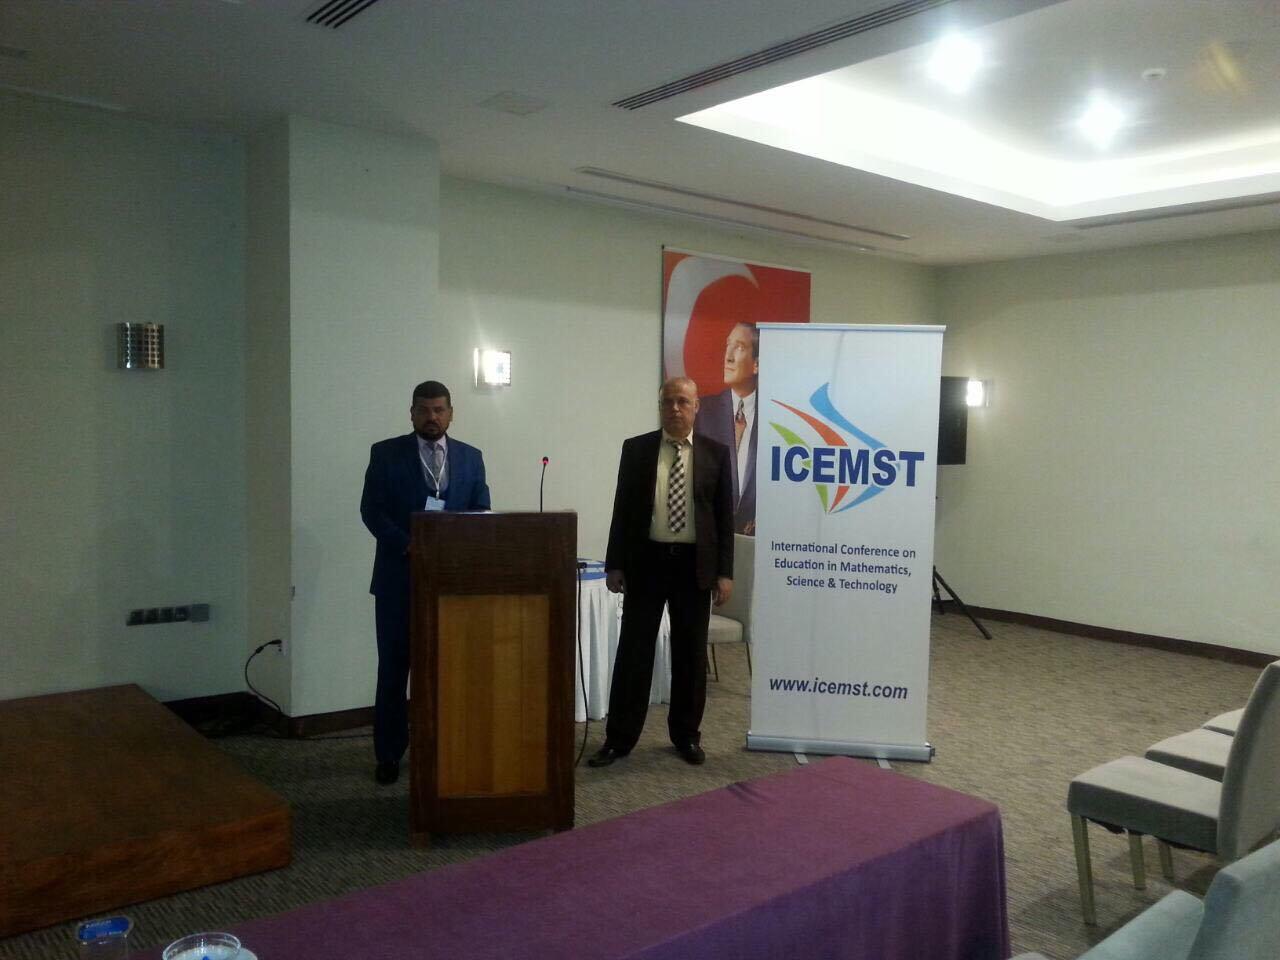 مشاركة الدكتور ياسر دخيل كريمش في مؤتمر دولي